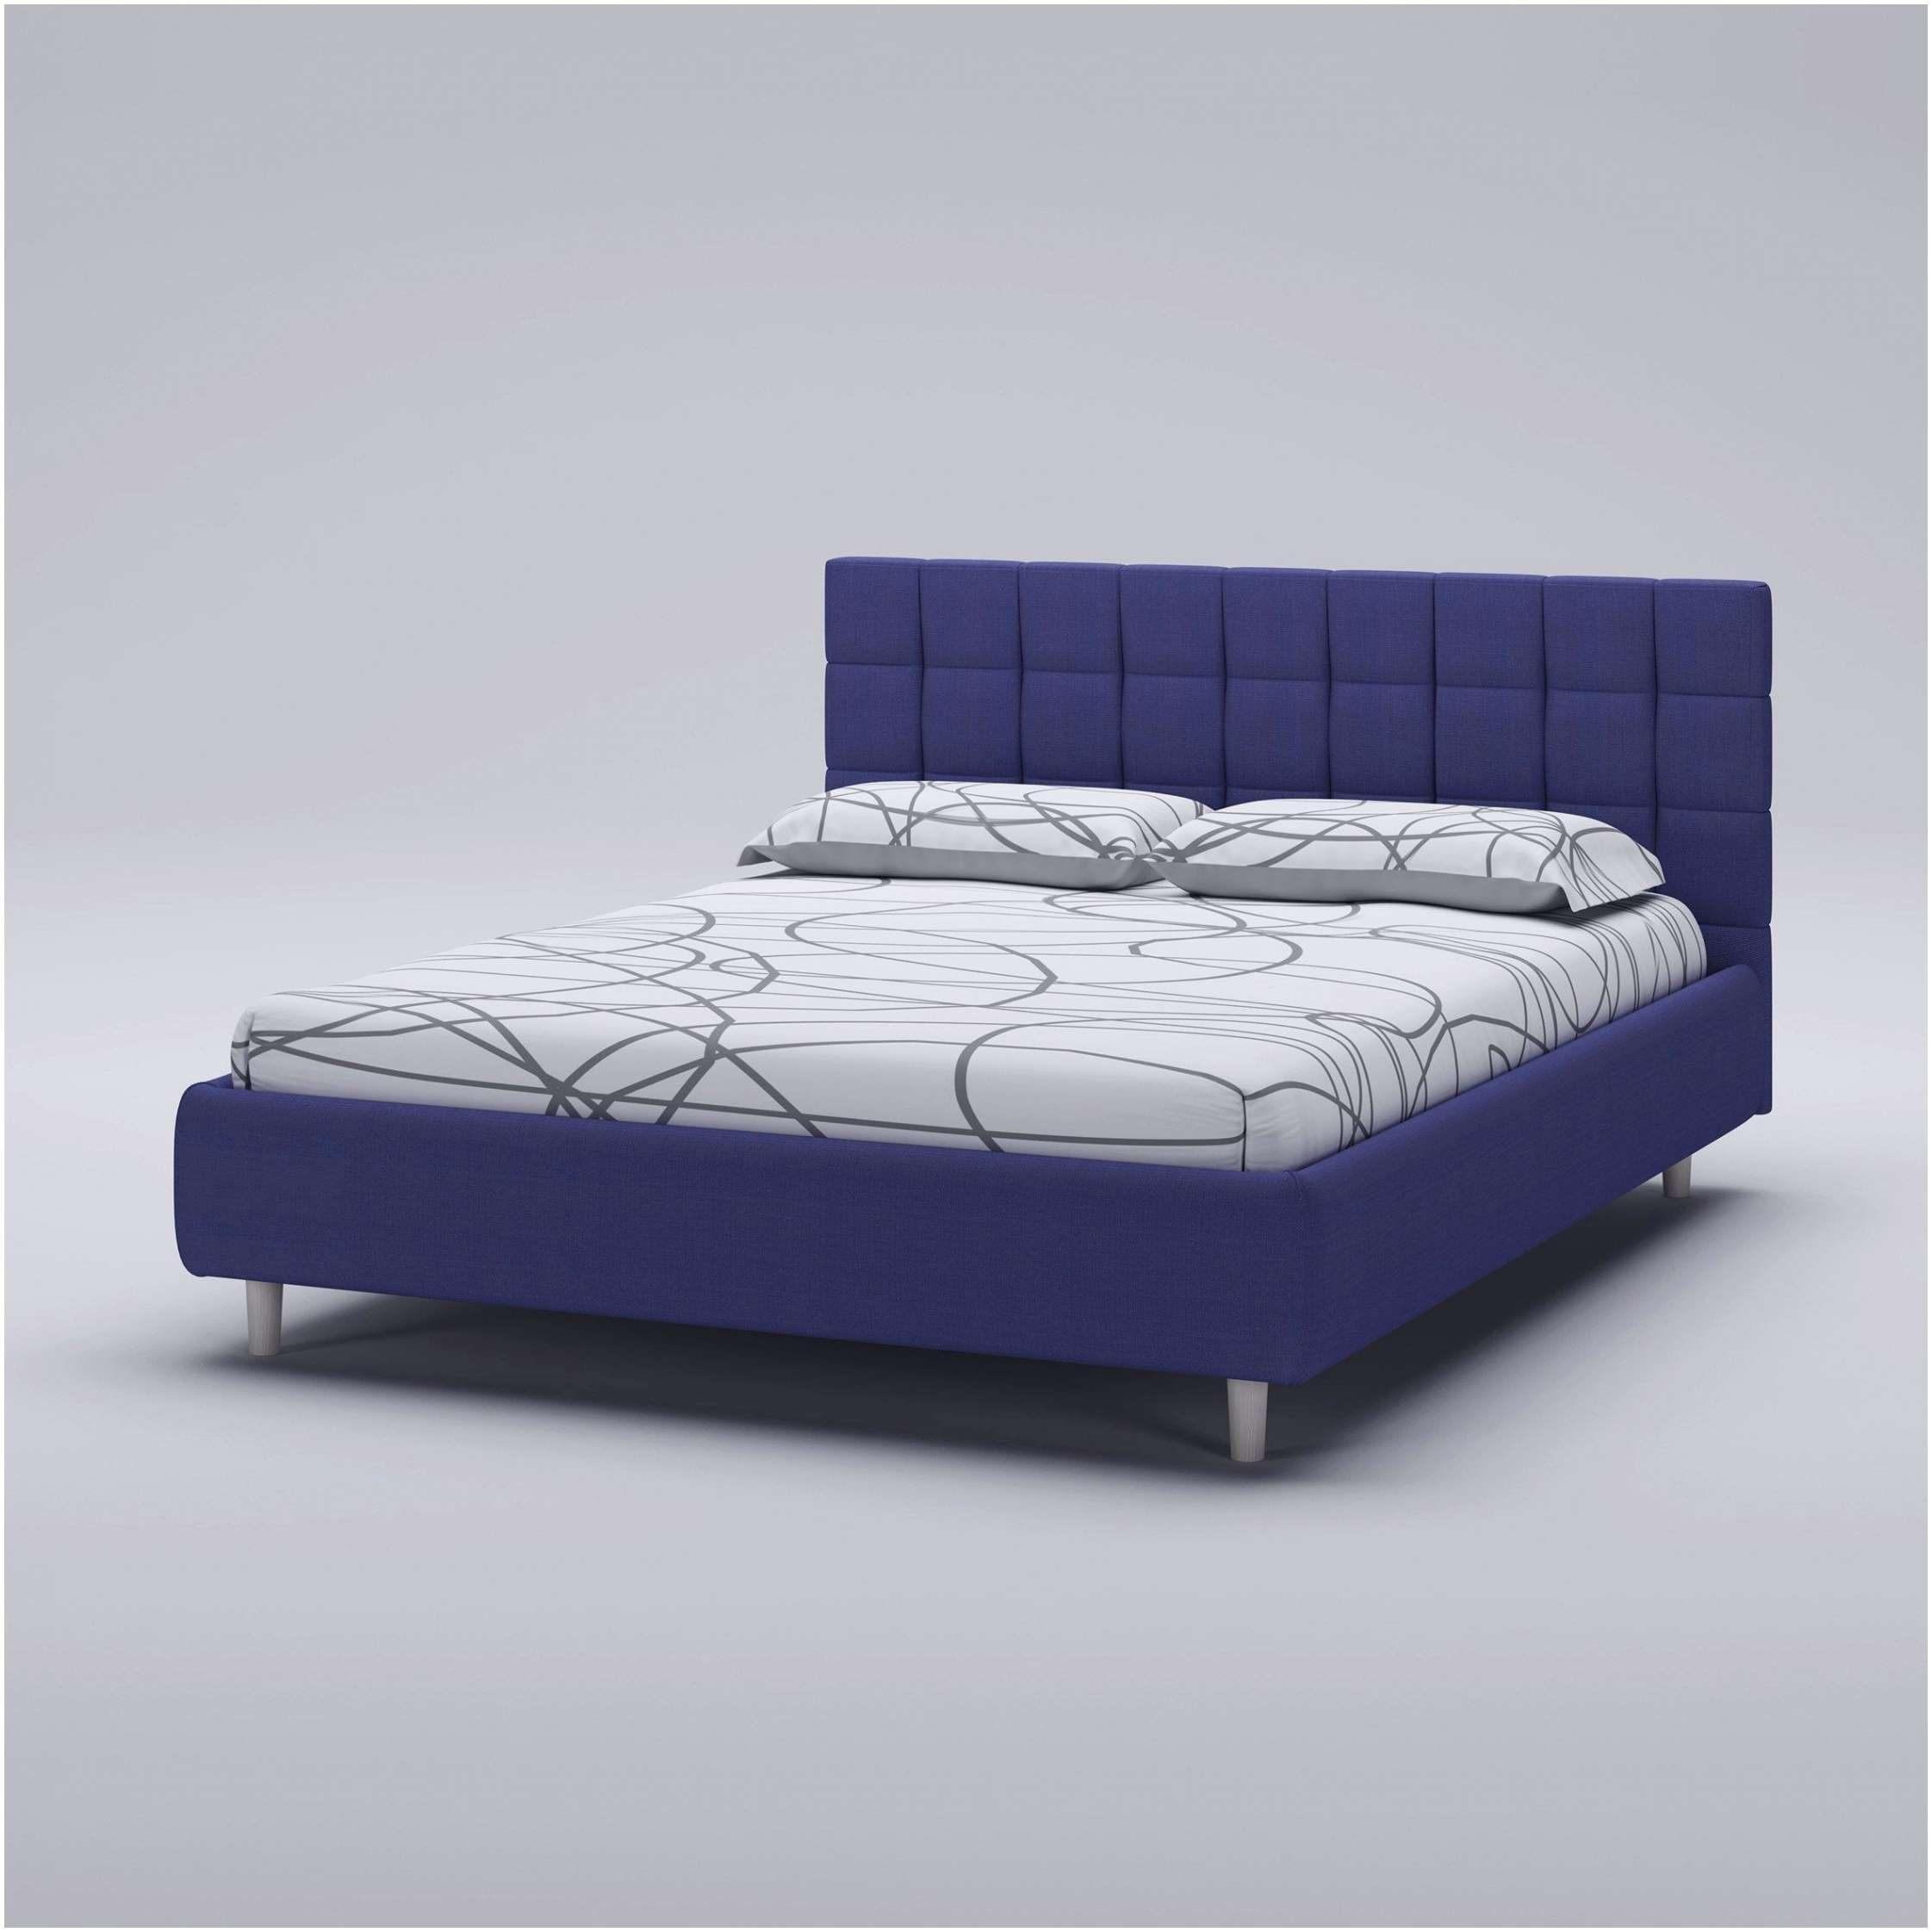 Ikea Lit Coffre 160 Belle Impressionnant Ikea Bedden 160 X 200 Luxe Bett Ikea 200—200 Schön